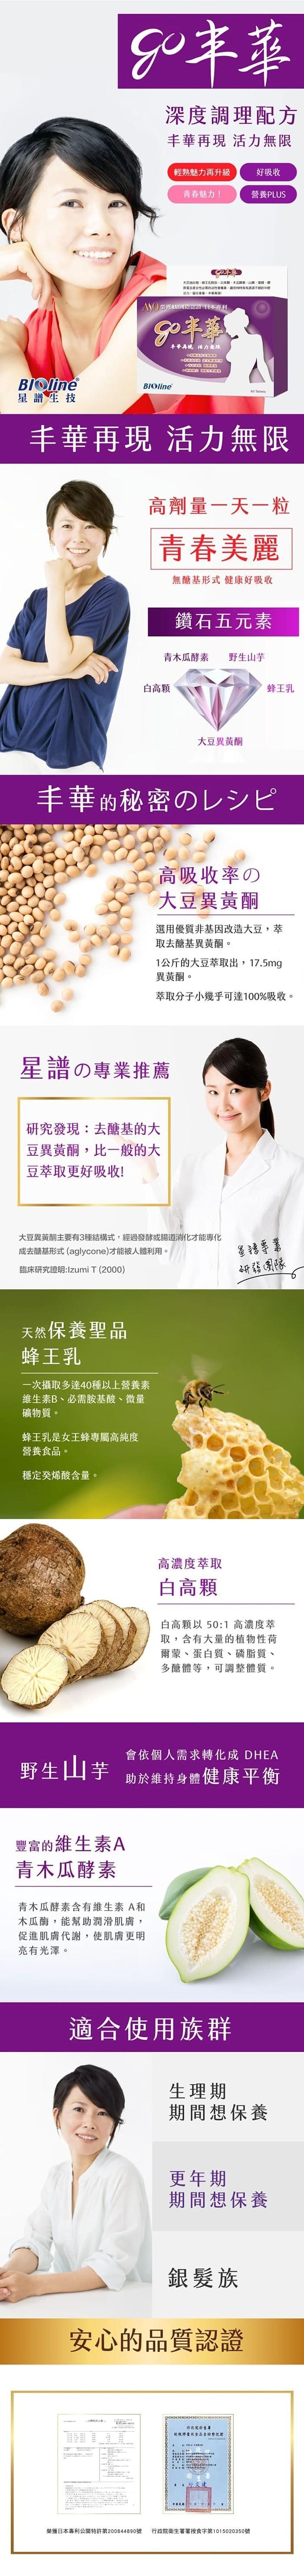 BIOline星譜生技-【寵愛媽咪】Go丰華_精華調理錠+植萃無痕修護霜(優惠組)產品資訊